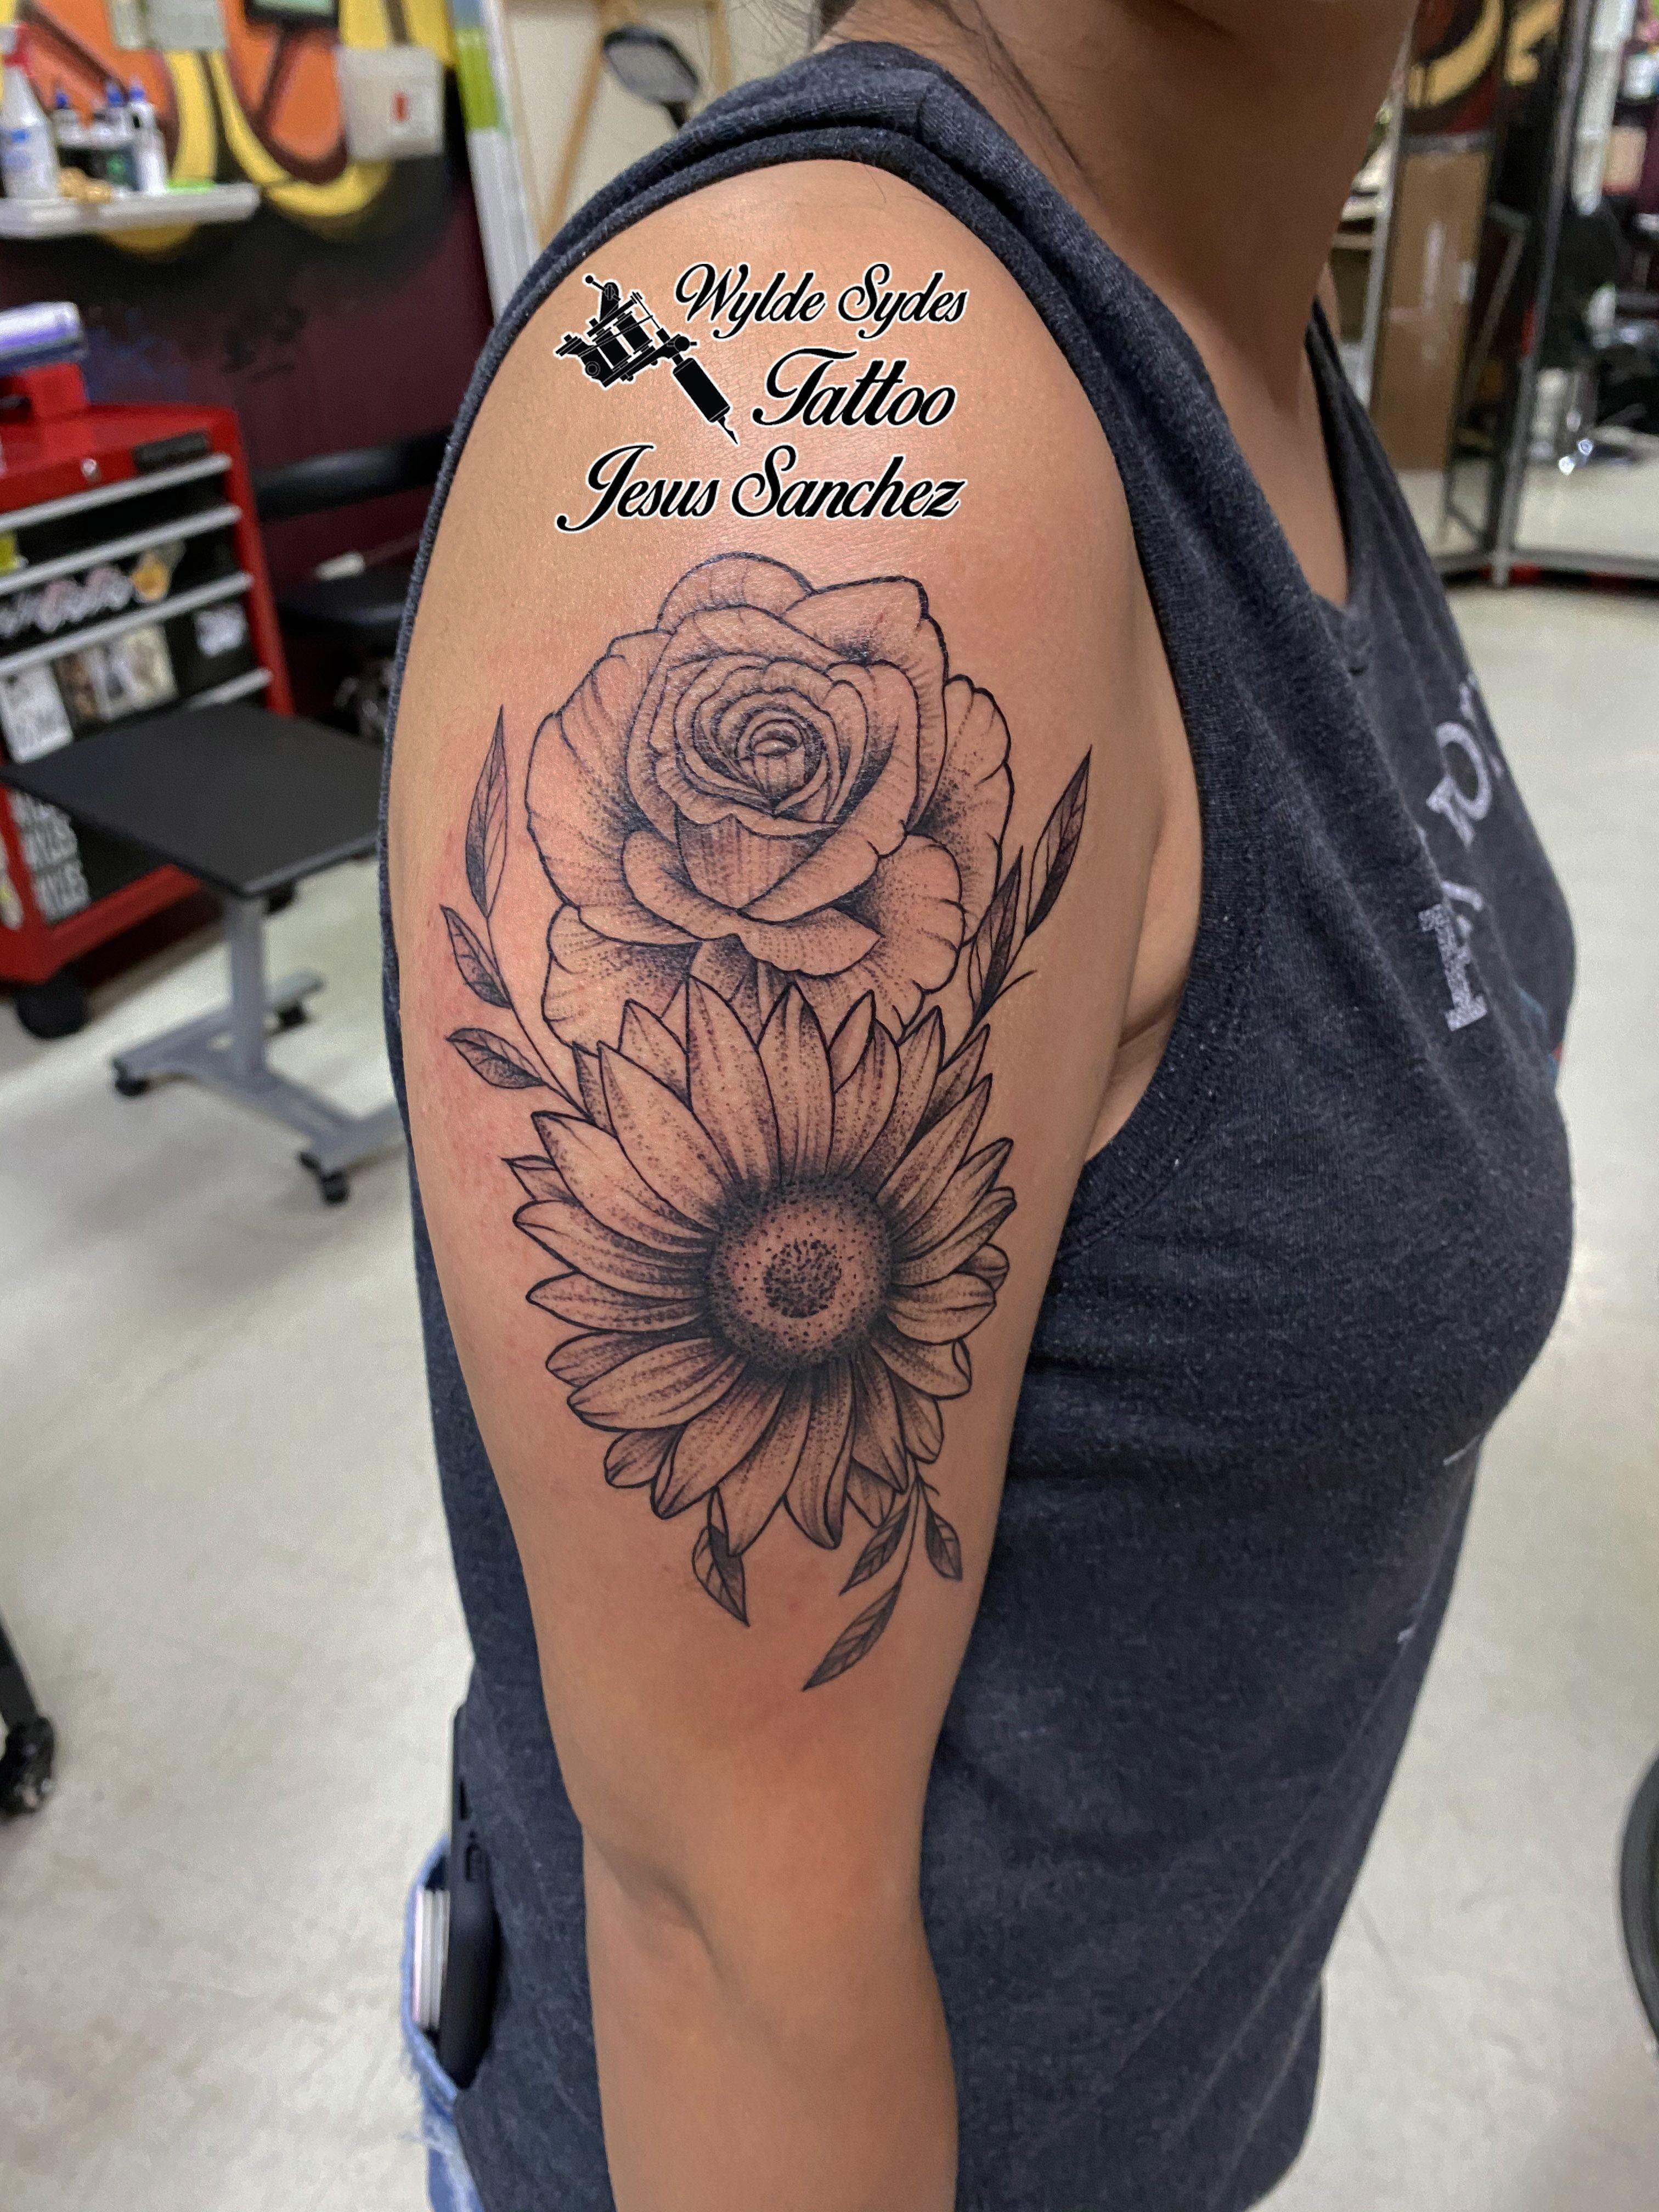 Wylde Sydes Tattoo & Body Piercing | San Diego, California